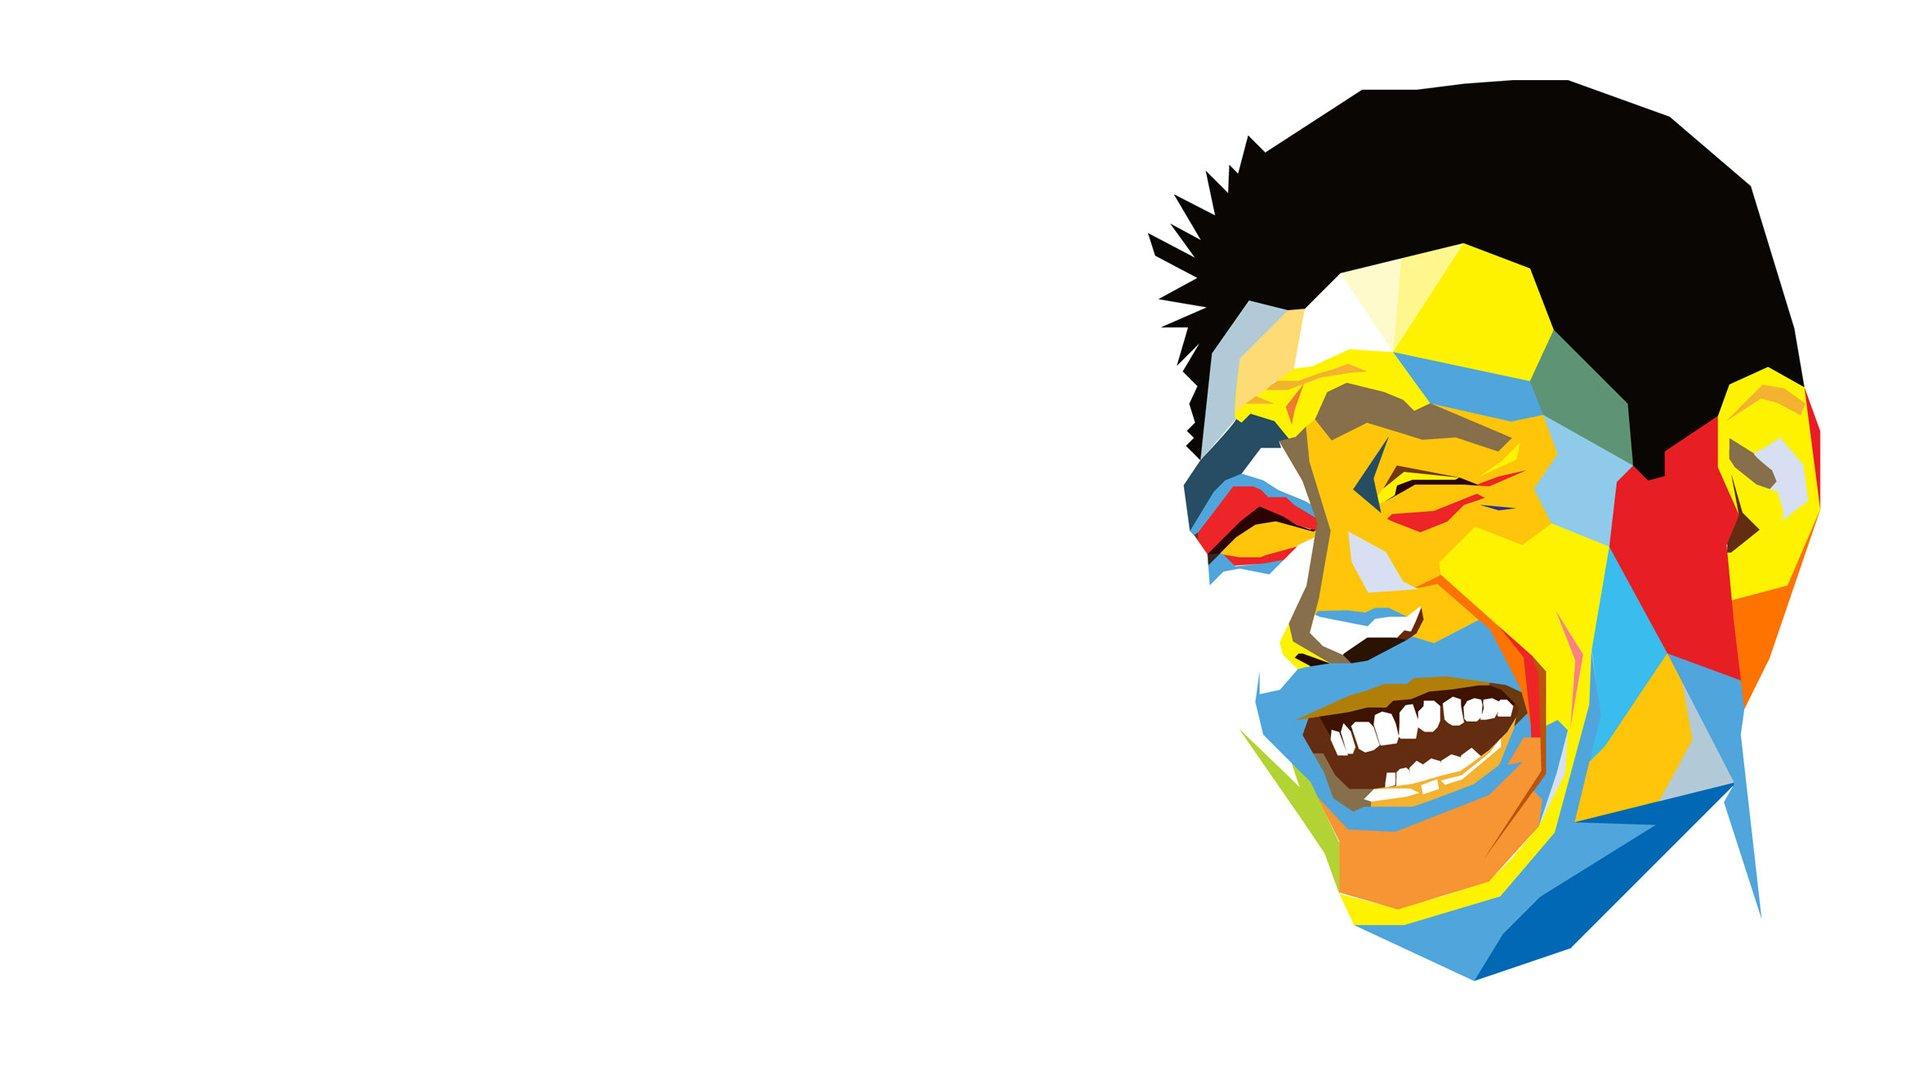 Yao Ming Meme Face Png , HD Wallpaper & Backgrounds